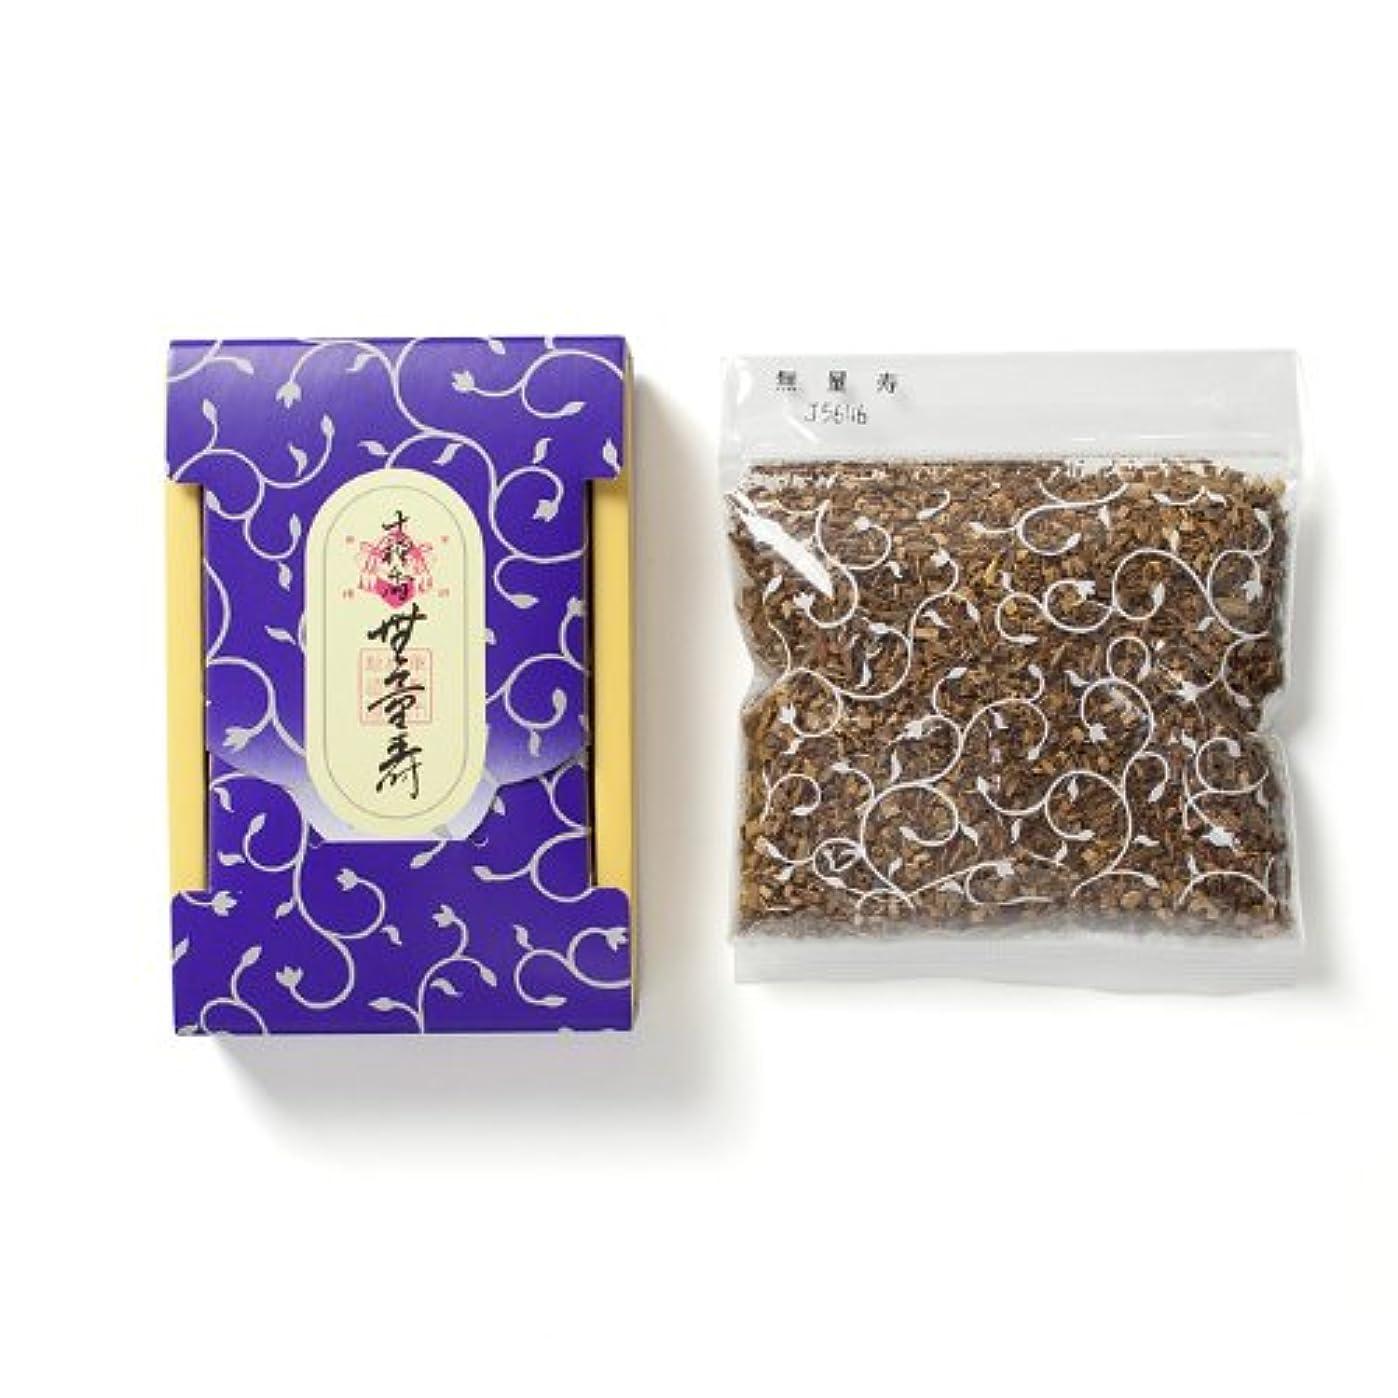 旧正月枠大きなスケールで見ると松栄堂のお焼香 十種香 無量寿 25g詰 小箱入 #410841